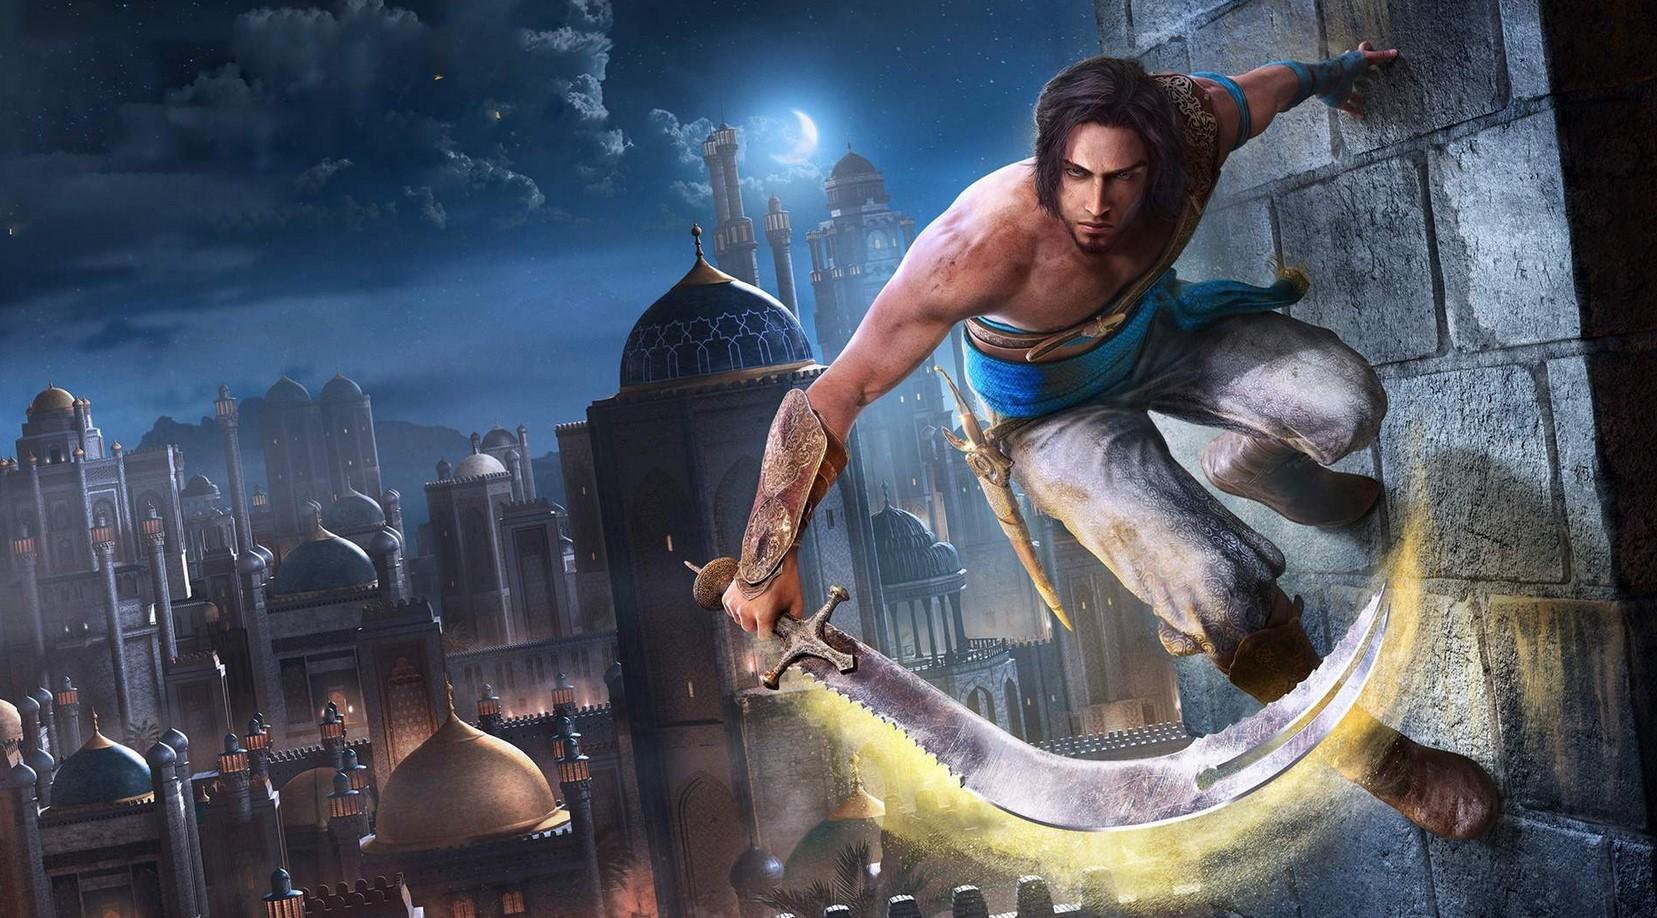 Prince of persia le sabbie del tempo remake switch